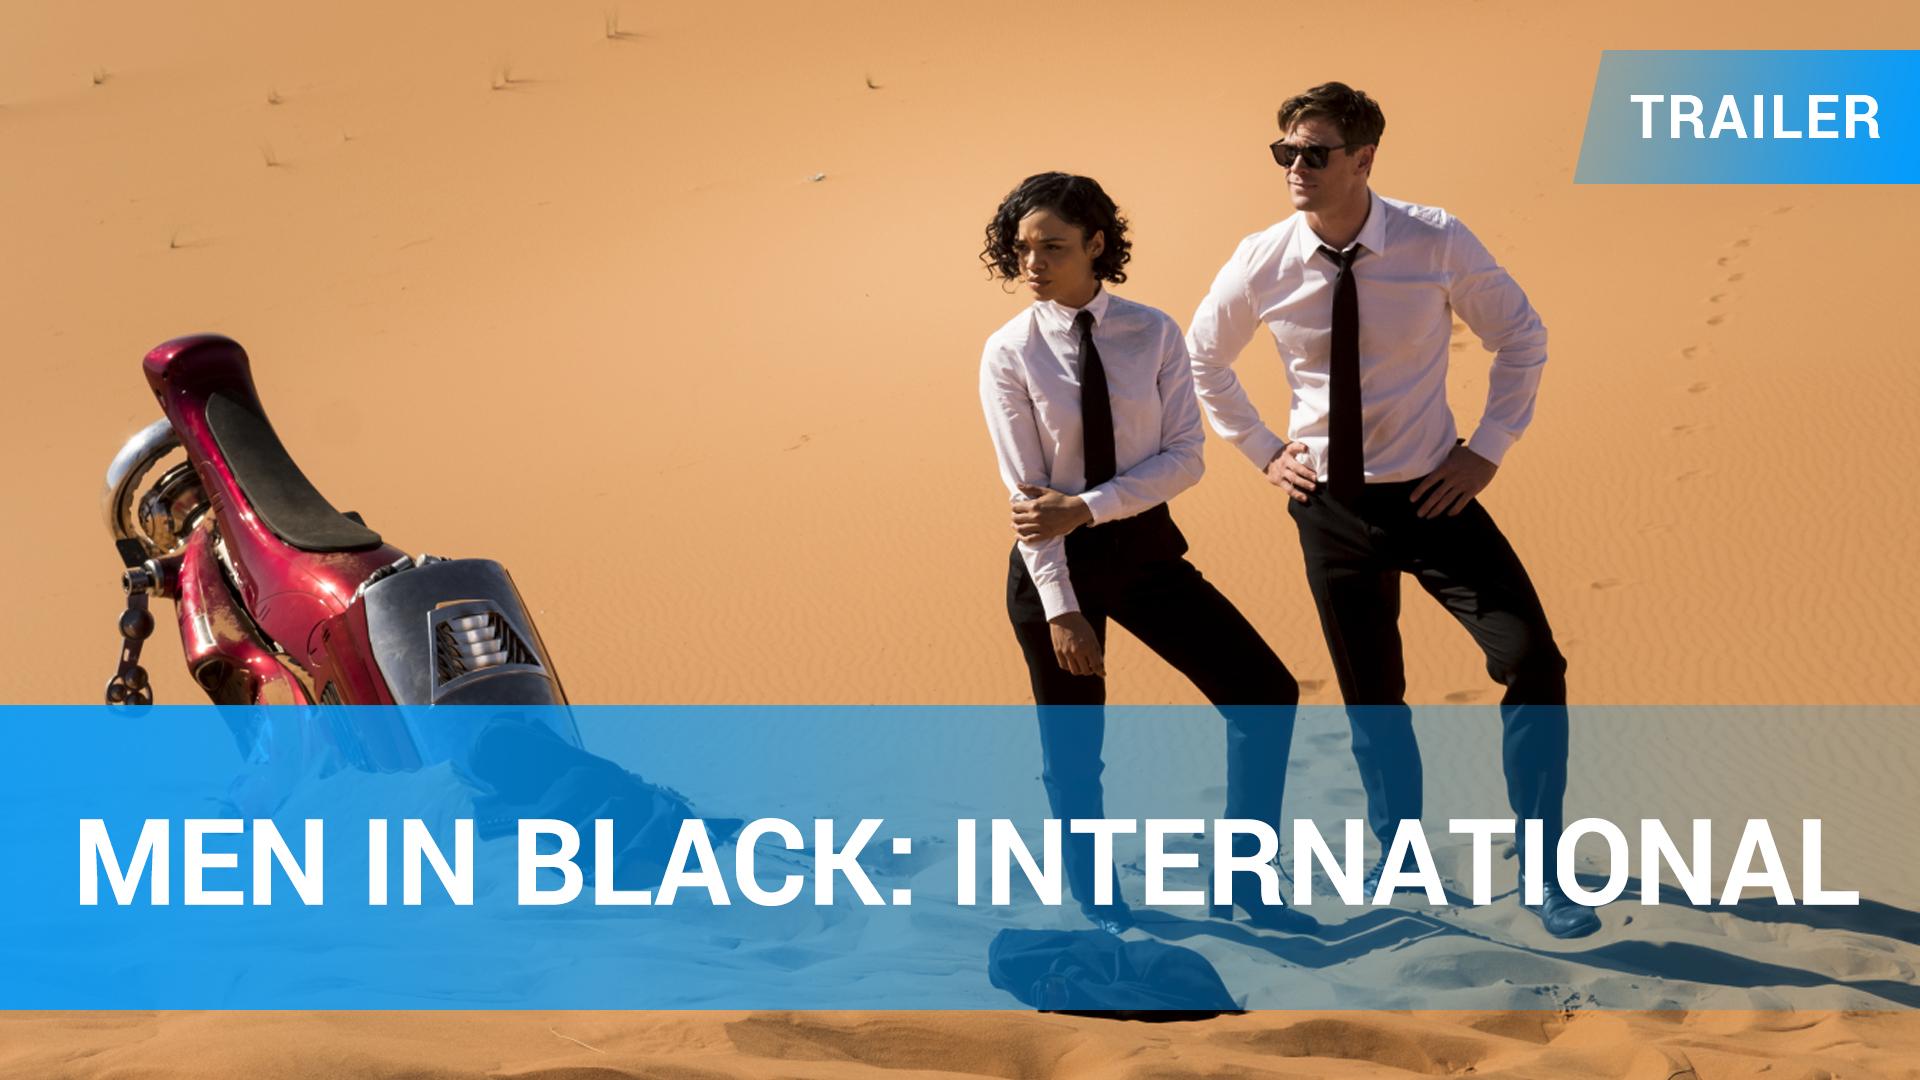 In Deutsch In Trailer In Men Trailer Men Deutsch BlackInternational BlackInternational Men nOwyvN0m8